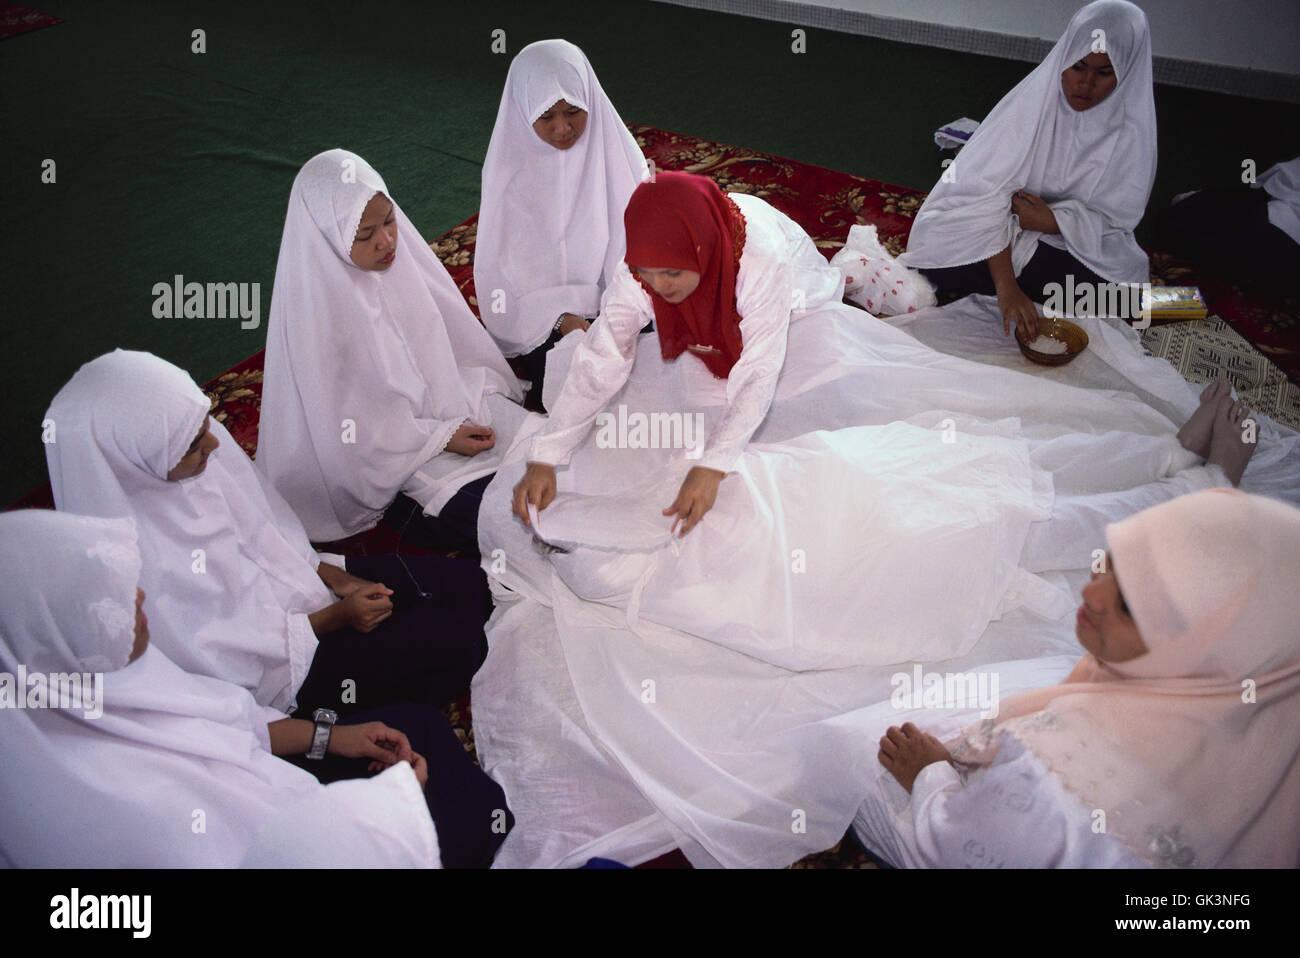 Ca. 1990 - 2000 --- ragazze ad apprendere come eseguire un musulmano sepoltura --- Image by © Jeremy Horner Immagini Stock